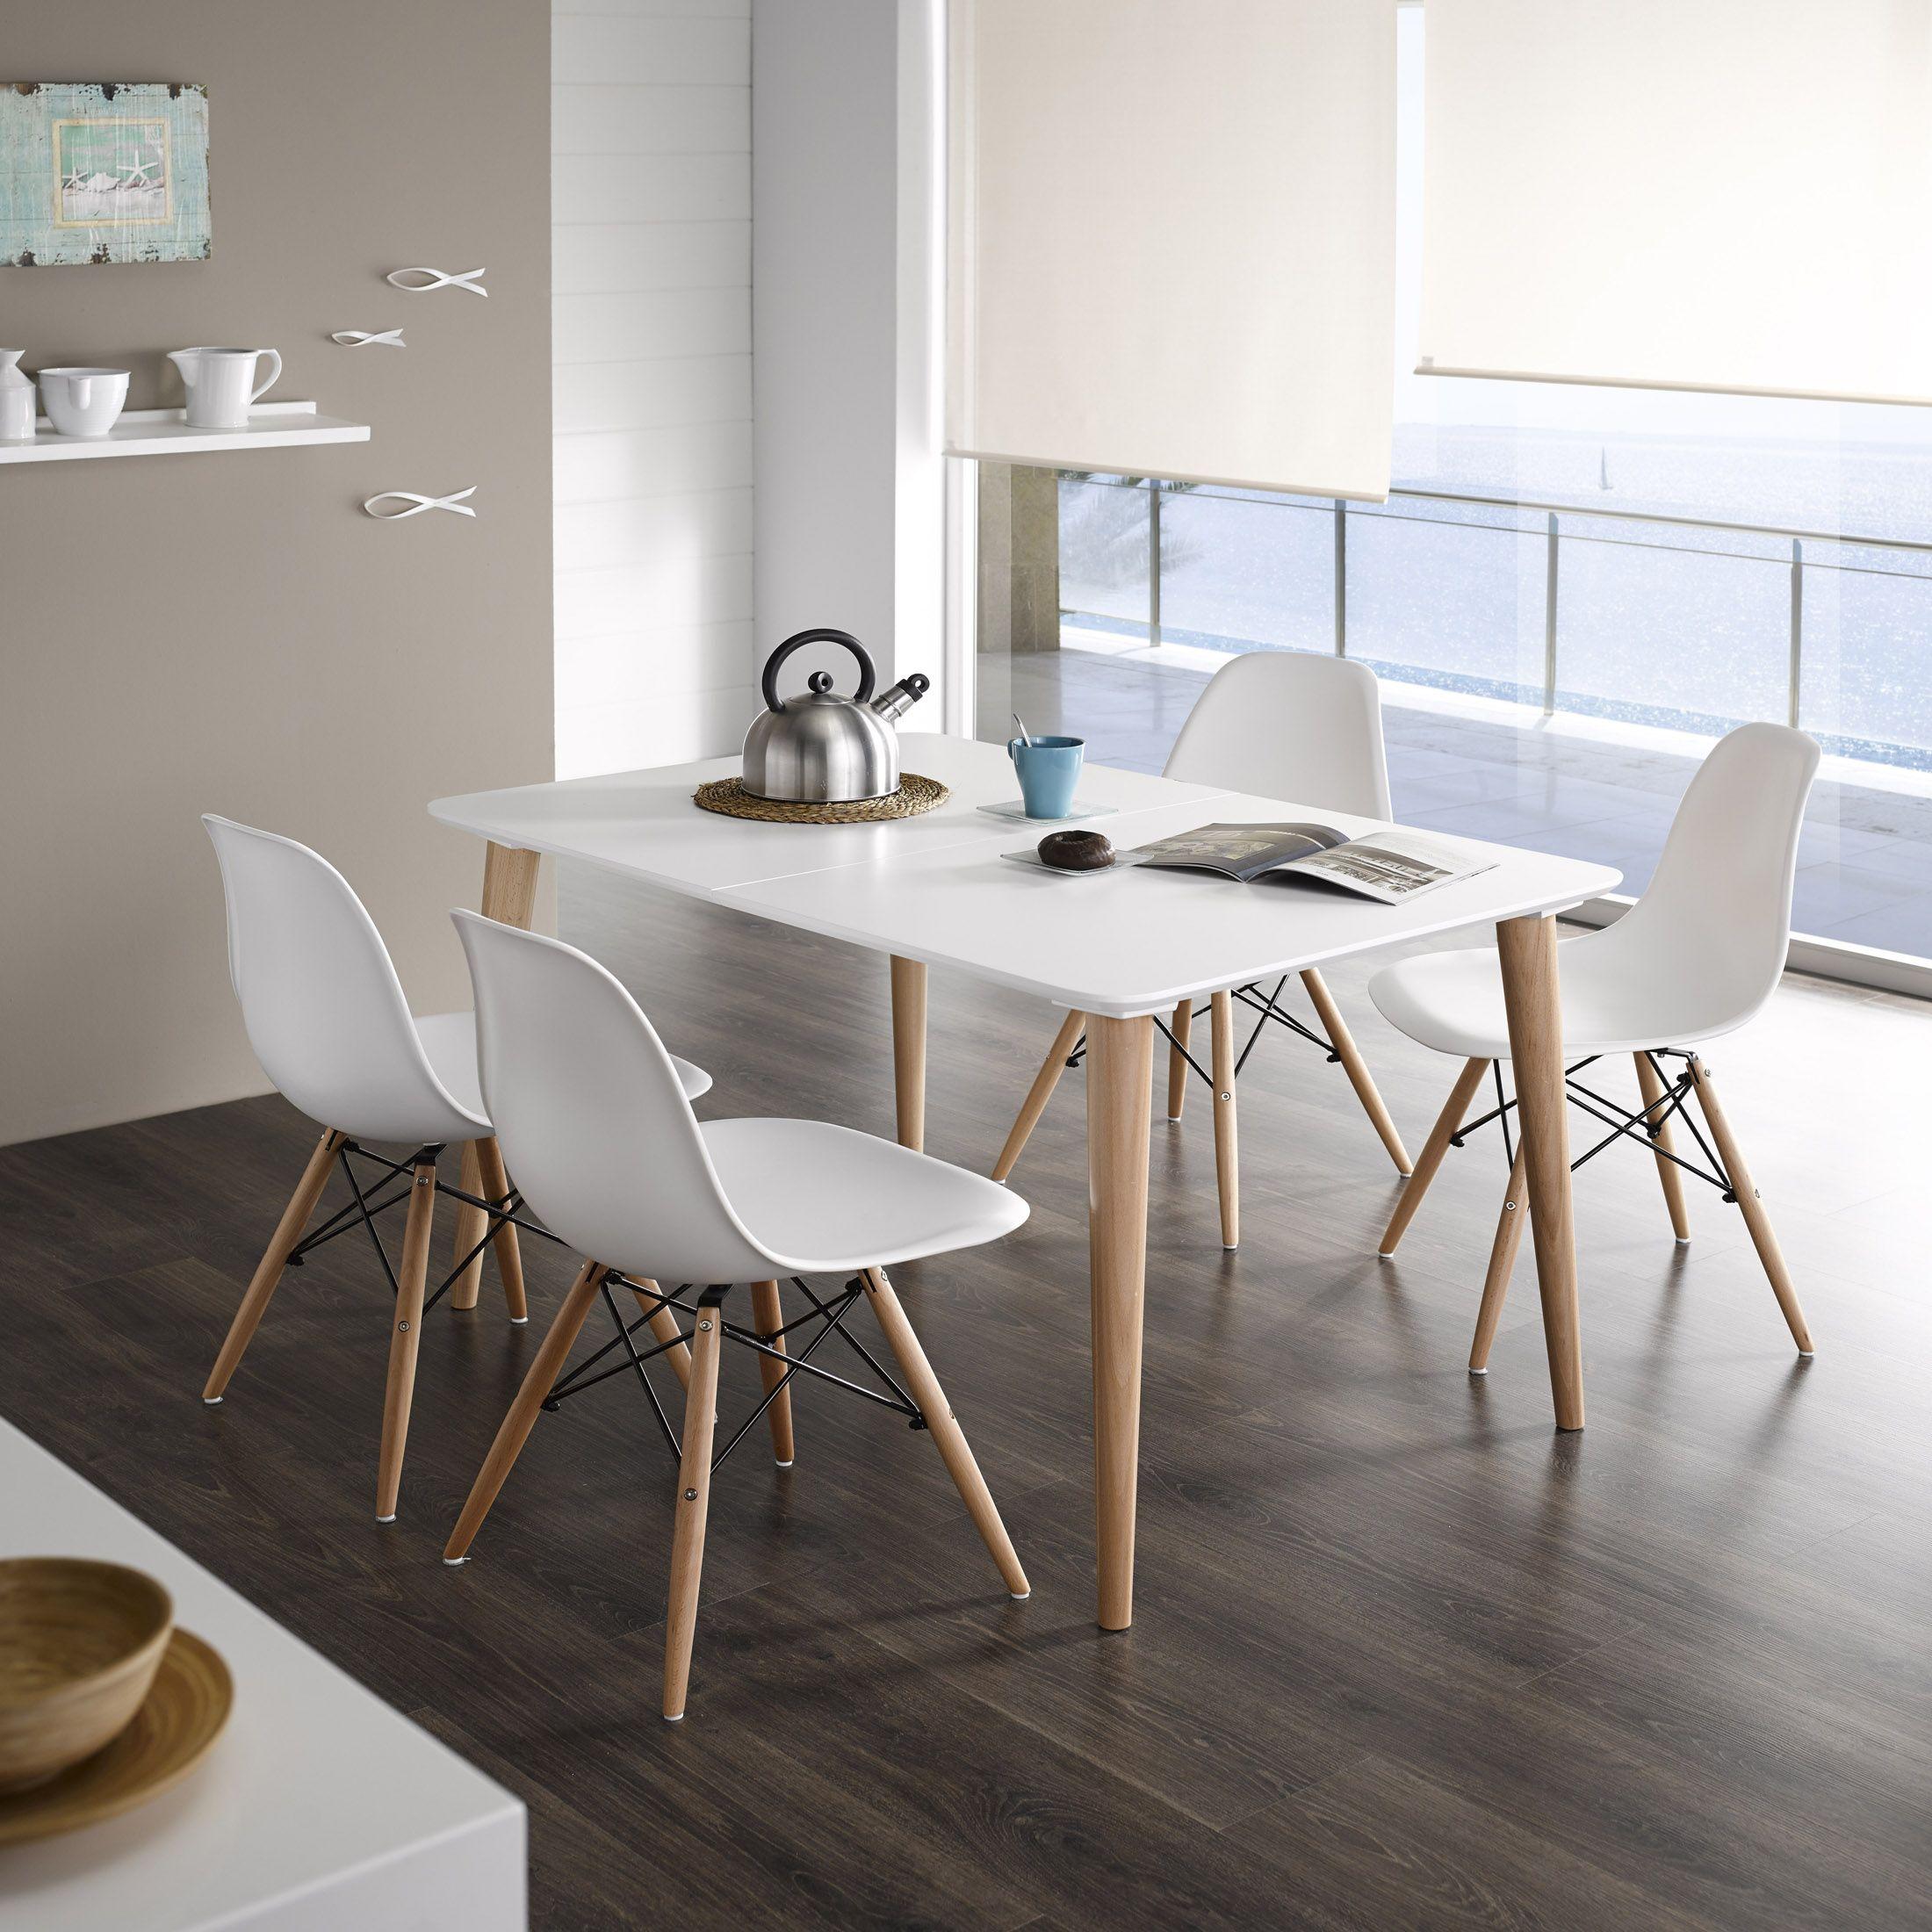 Esszimmer Esstisch Küchentische Diner Tisch Inszenierung Nordischer Stil Stühle